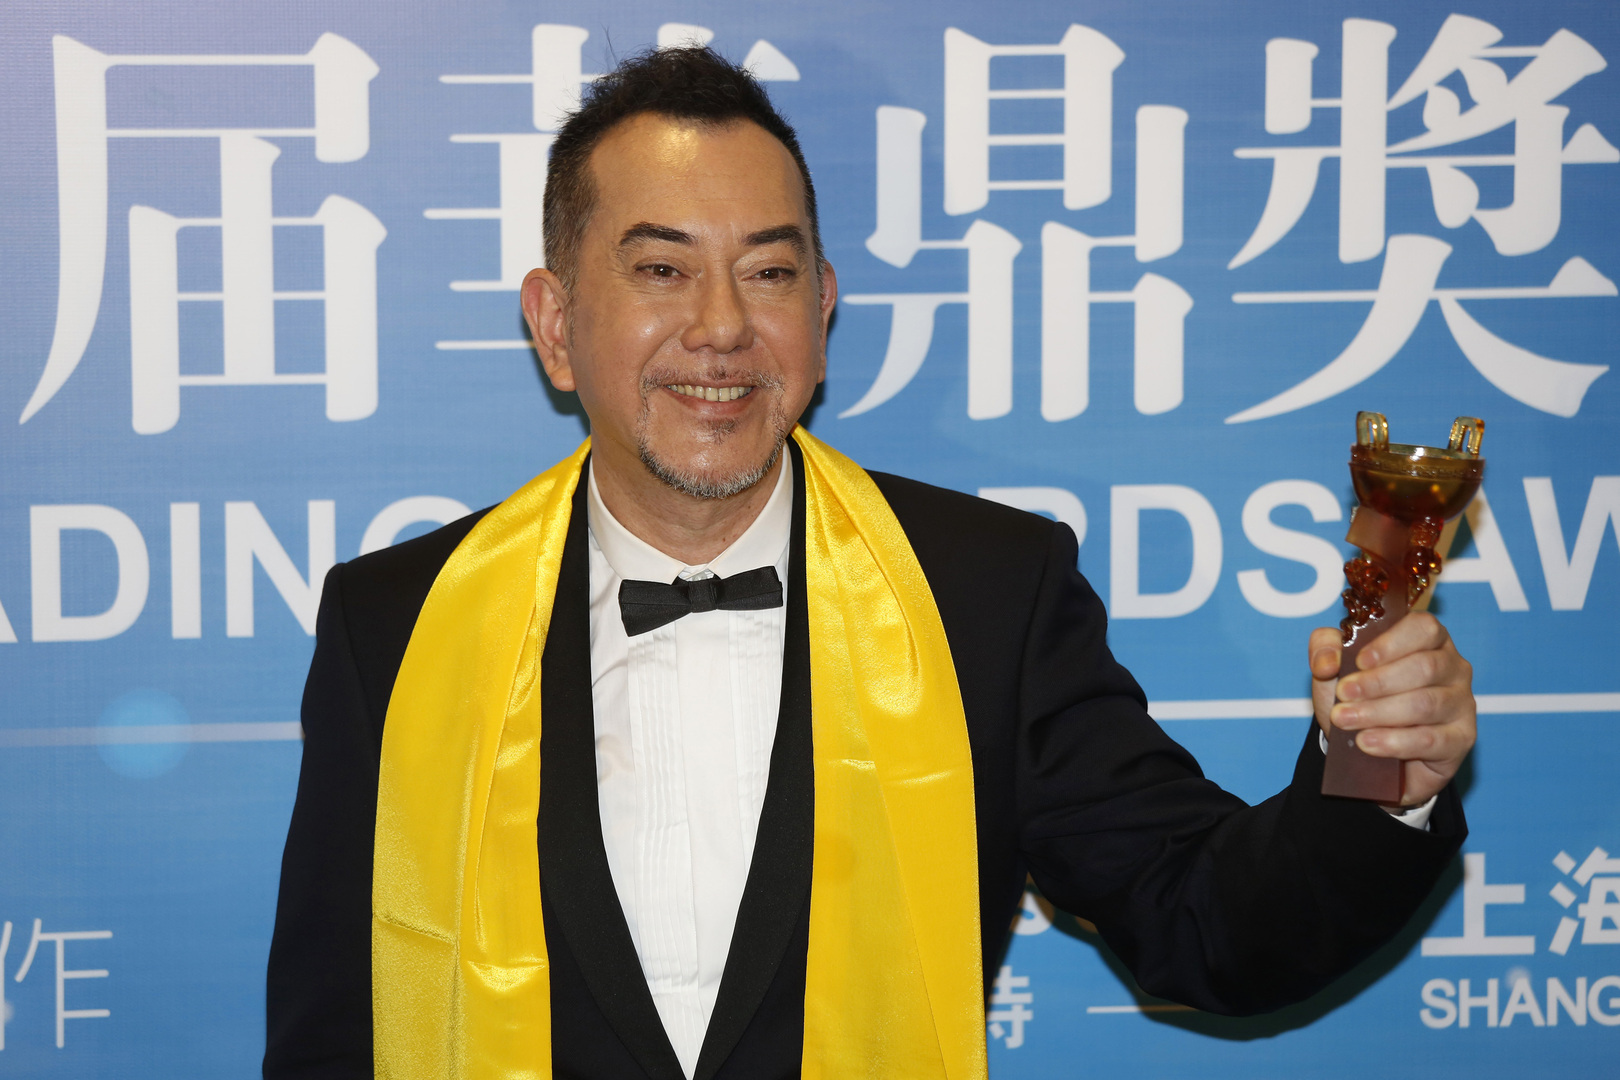 انتوني وونغ، مغني وناشط في هونغ كونغ